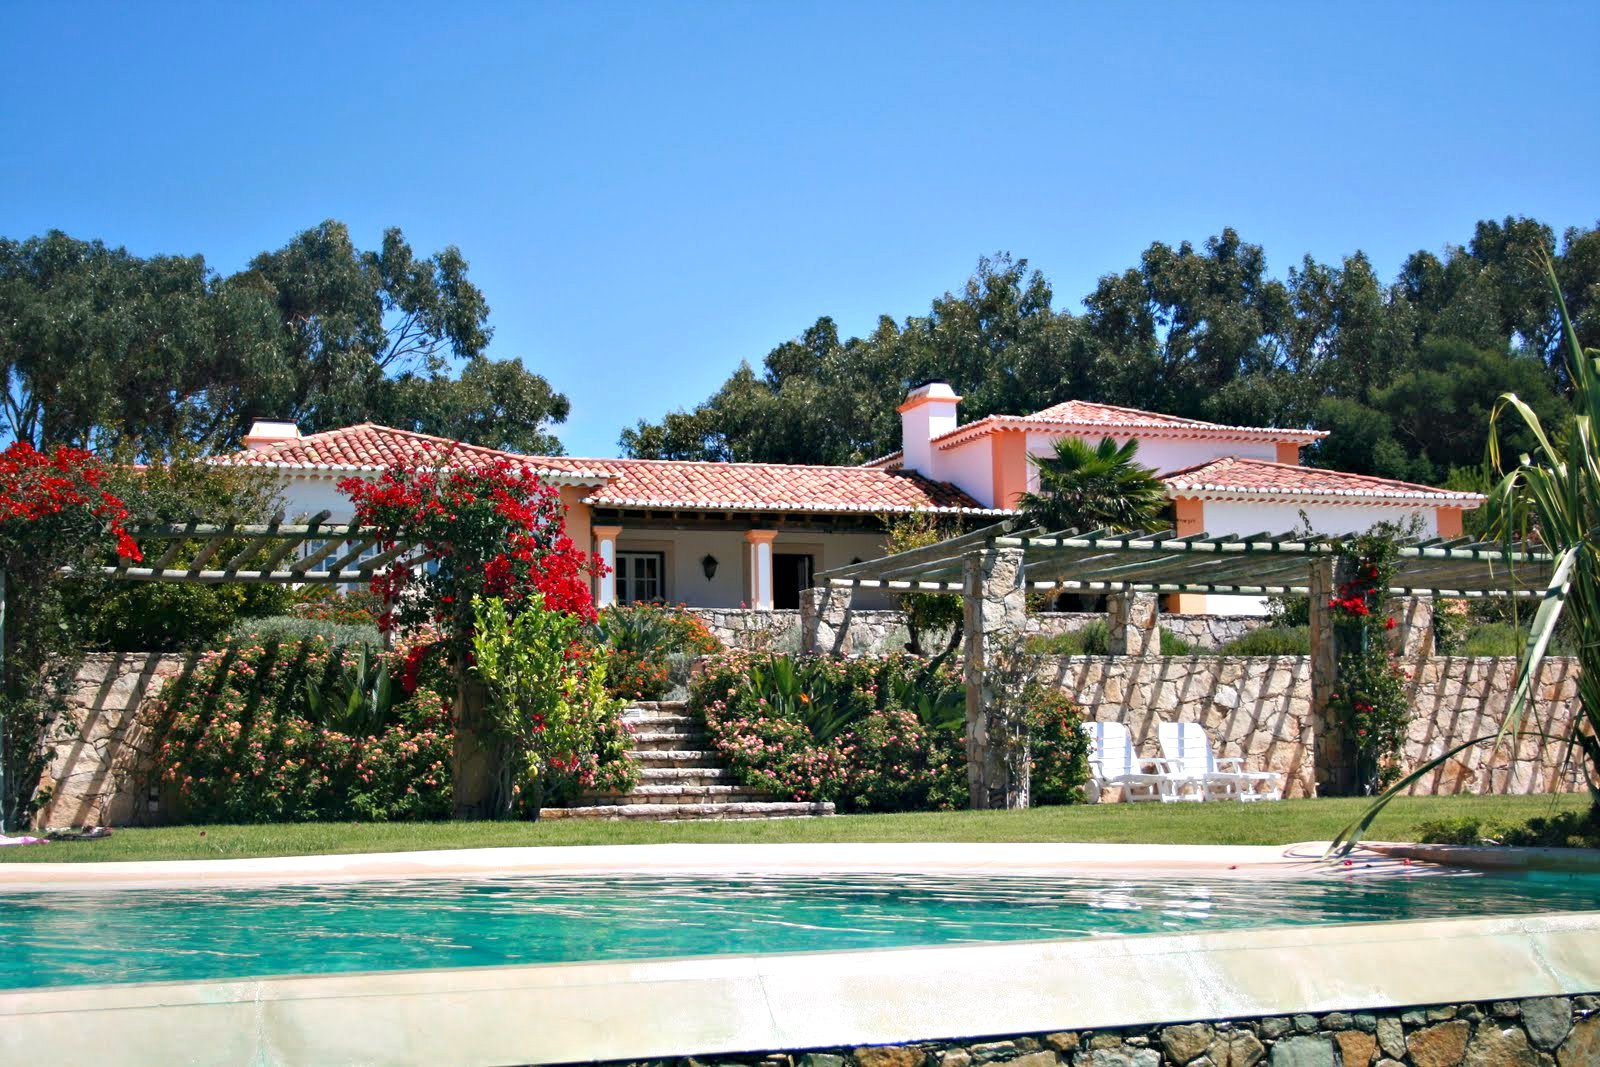 Villa Malveira Stunning Portuguese Country House Cascais